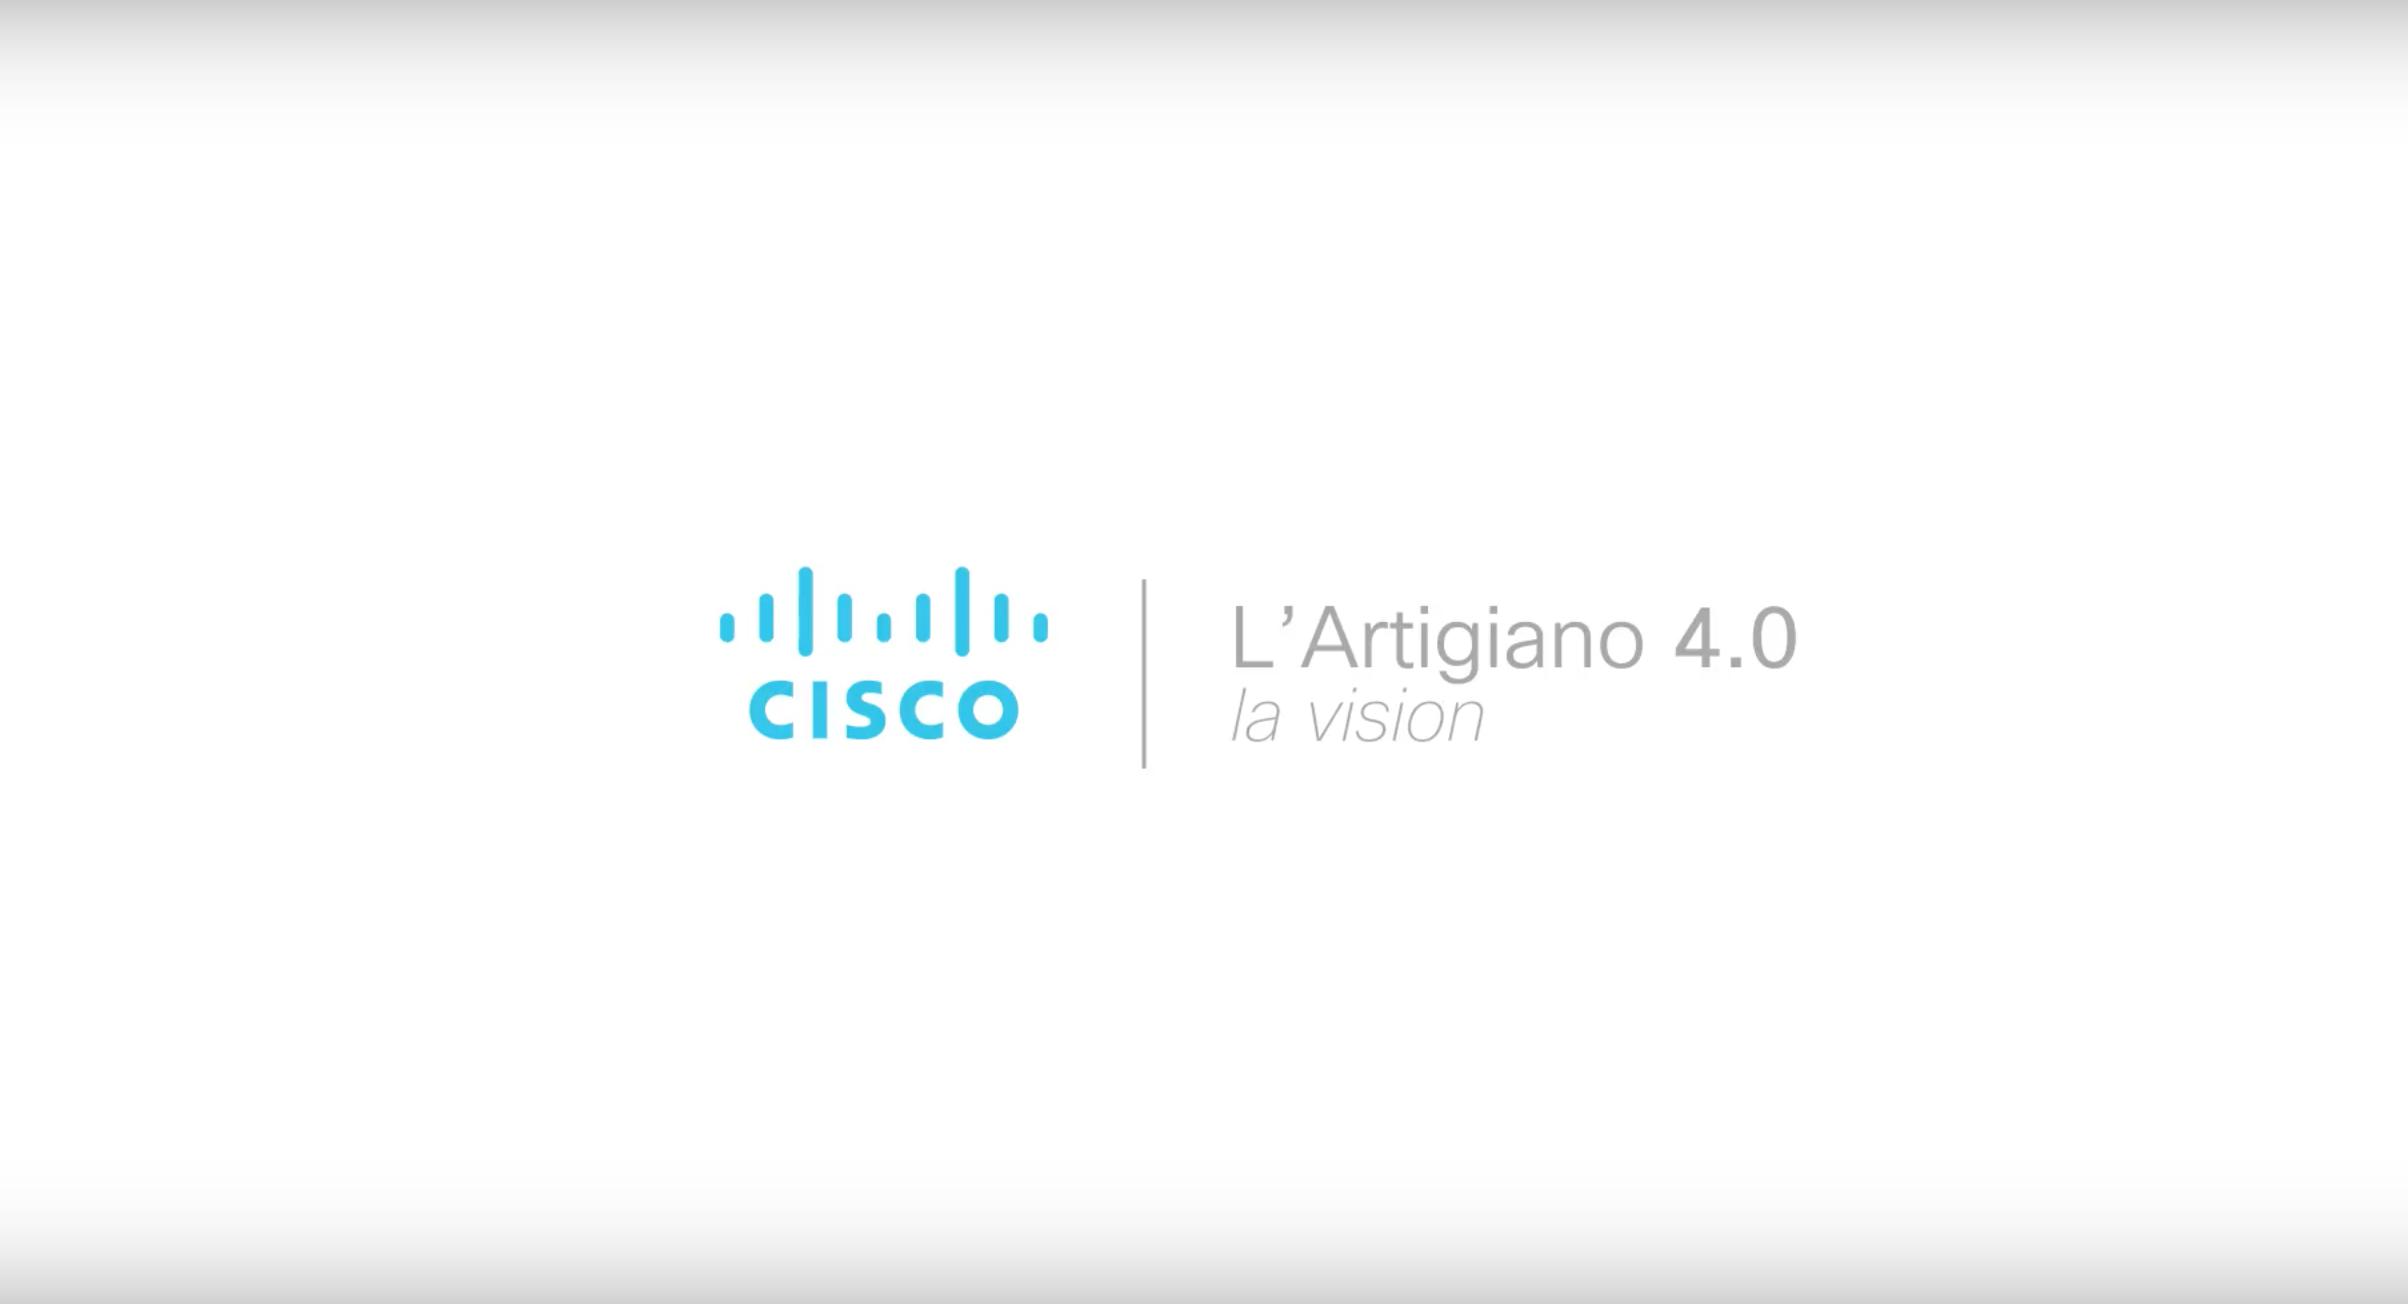 Cisco - La Marzocco | l'artigiano 4.0